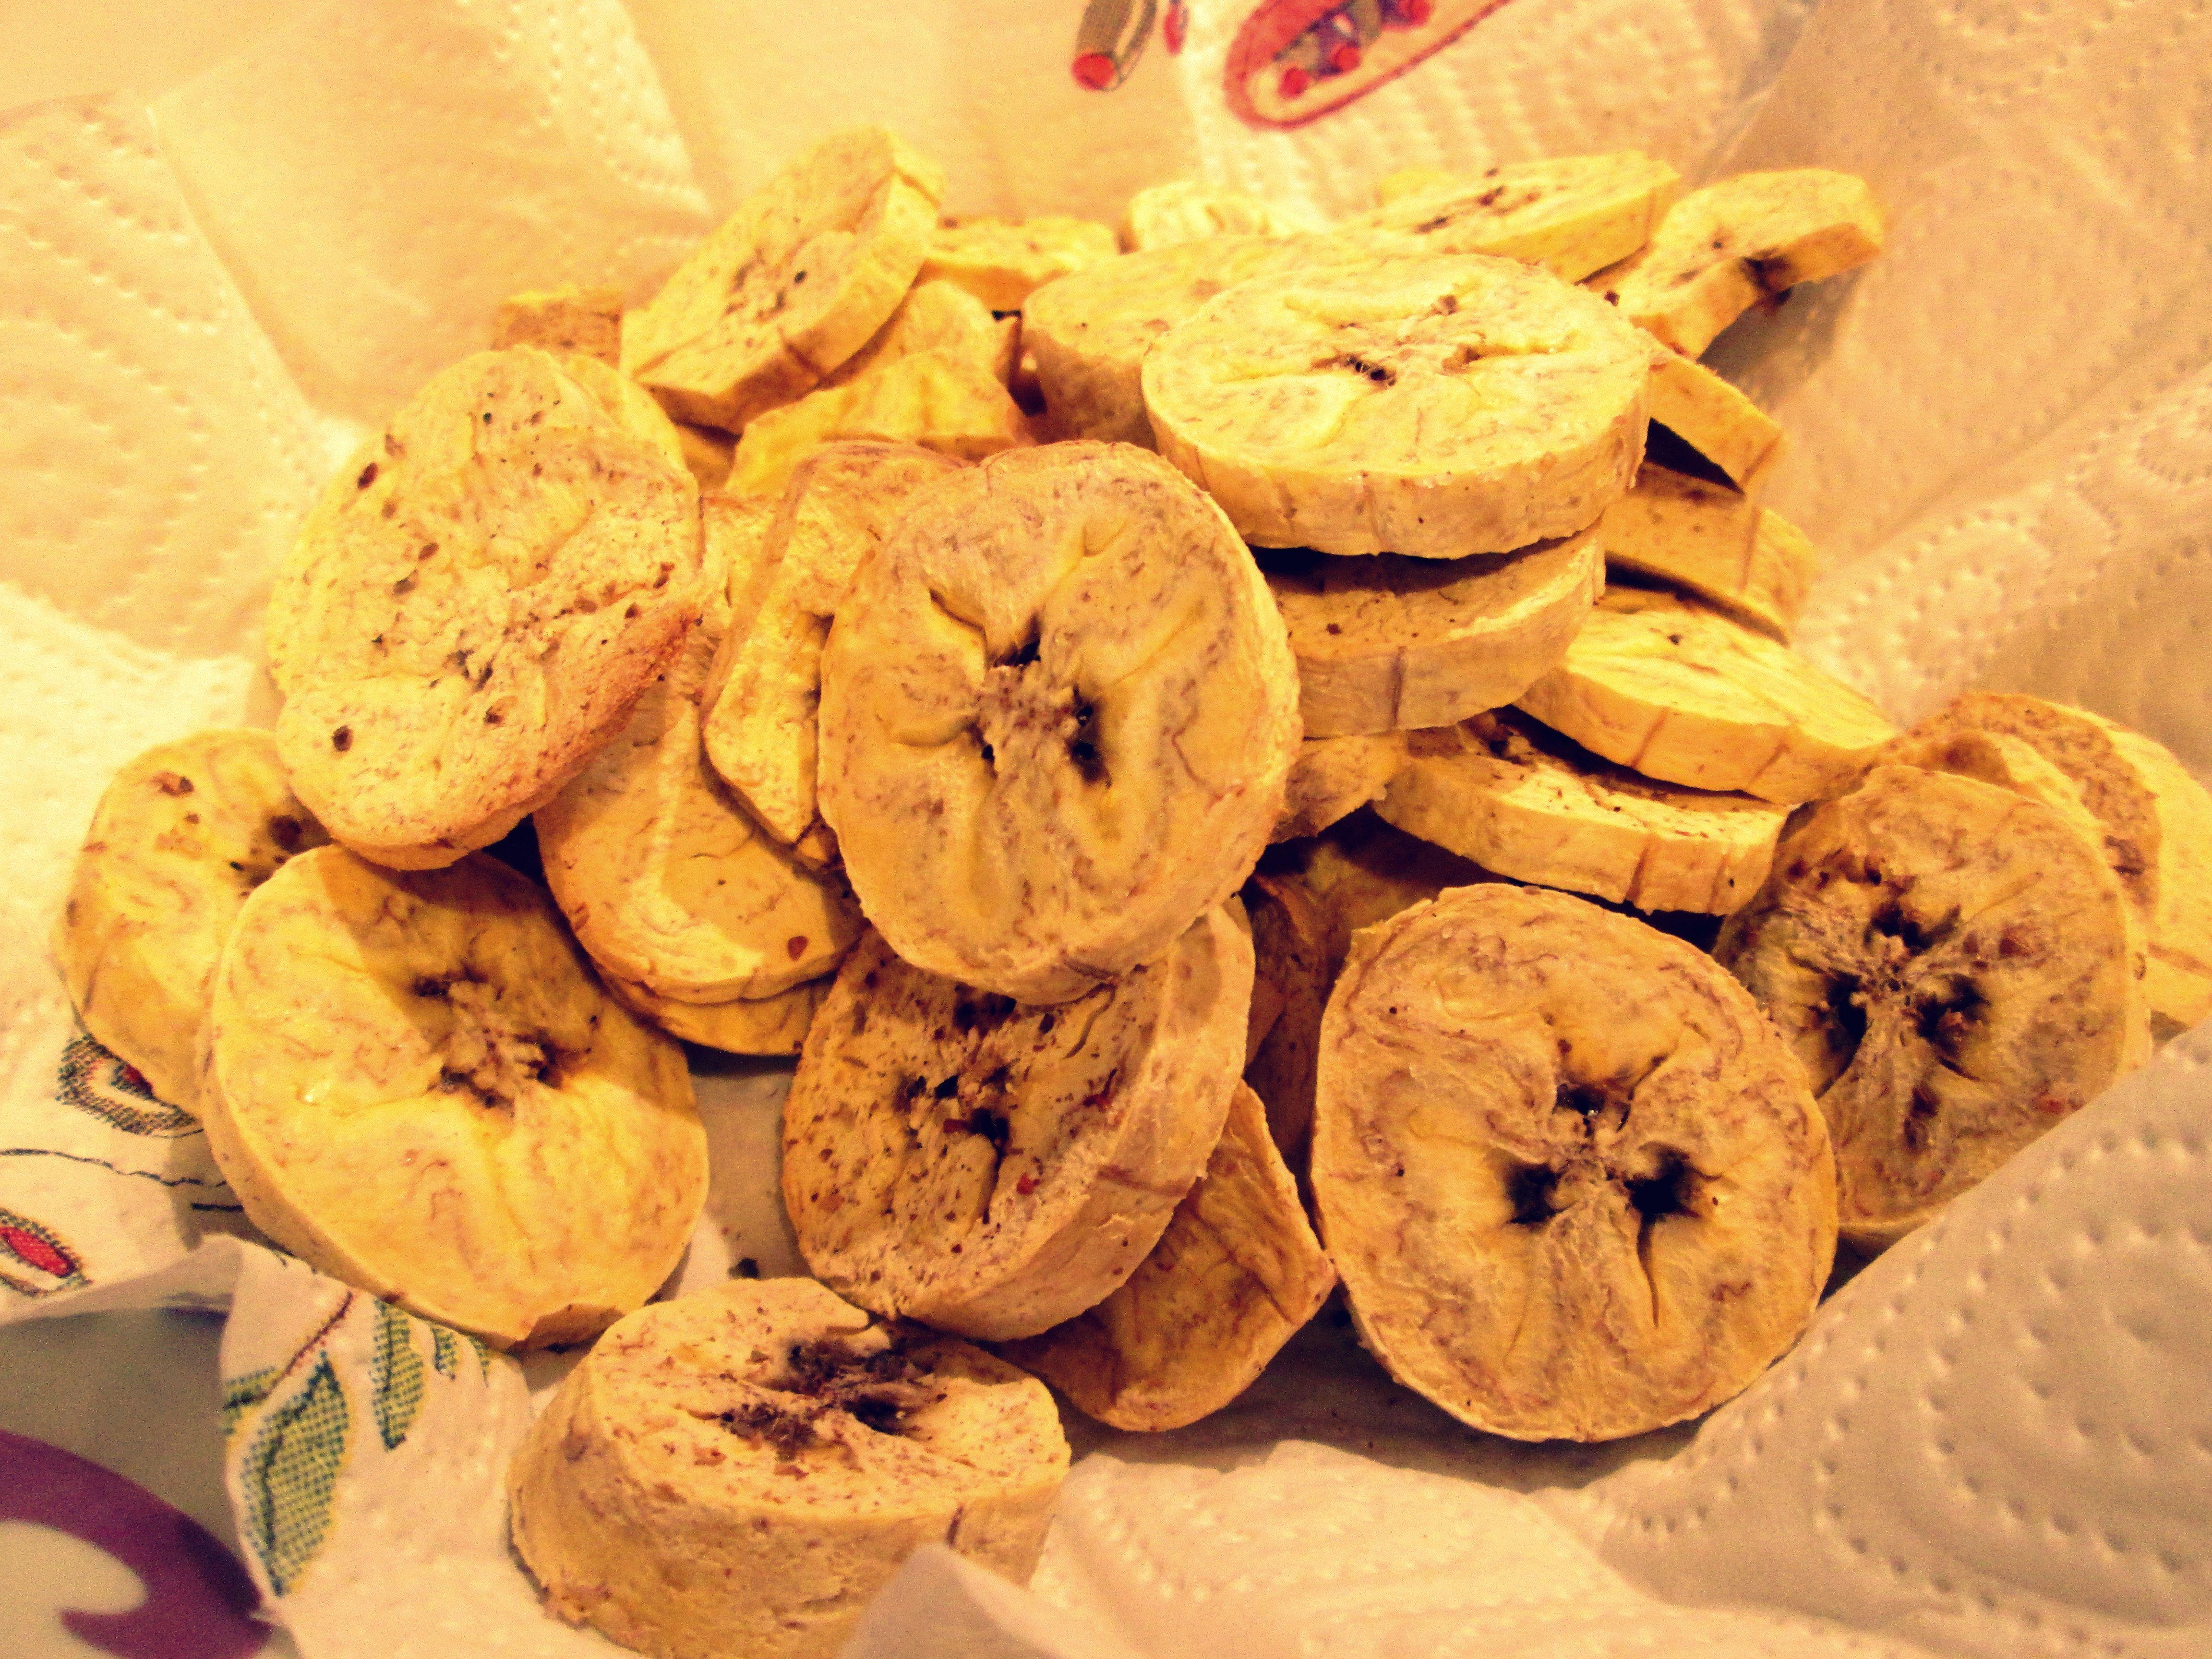 CHIPS DI PLATANO AL FORNO Vi ricordate del platano con cui avevo preparato delle sfiziosissime chips fritte?! Ecco l'altro giorno ho voluto bissare, ma rendendole più leggere e sane, così ho preparato queste leggere e speziate chips di platano al forno. http://blog.giallozafferano.it/cookingtime/chips-di-platano-al-forno/